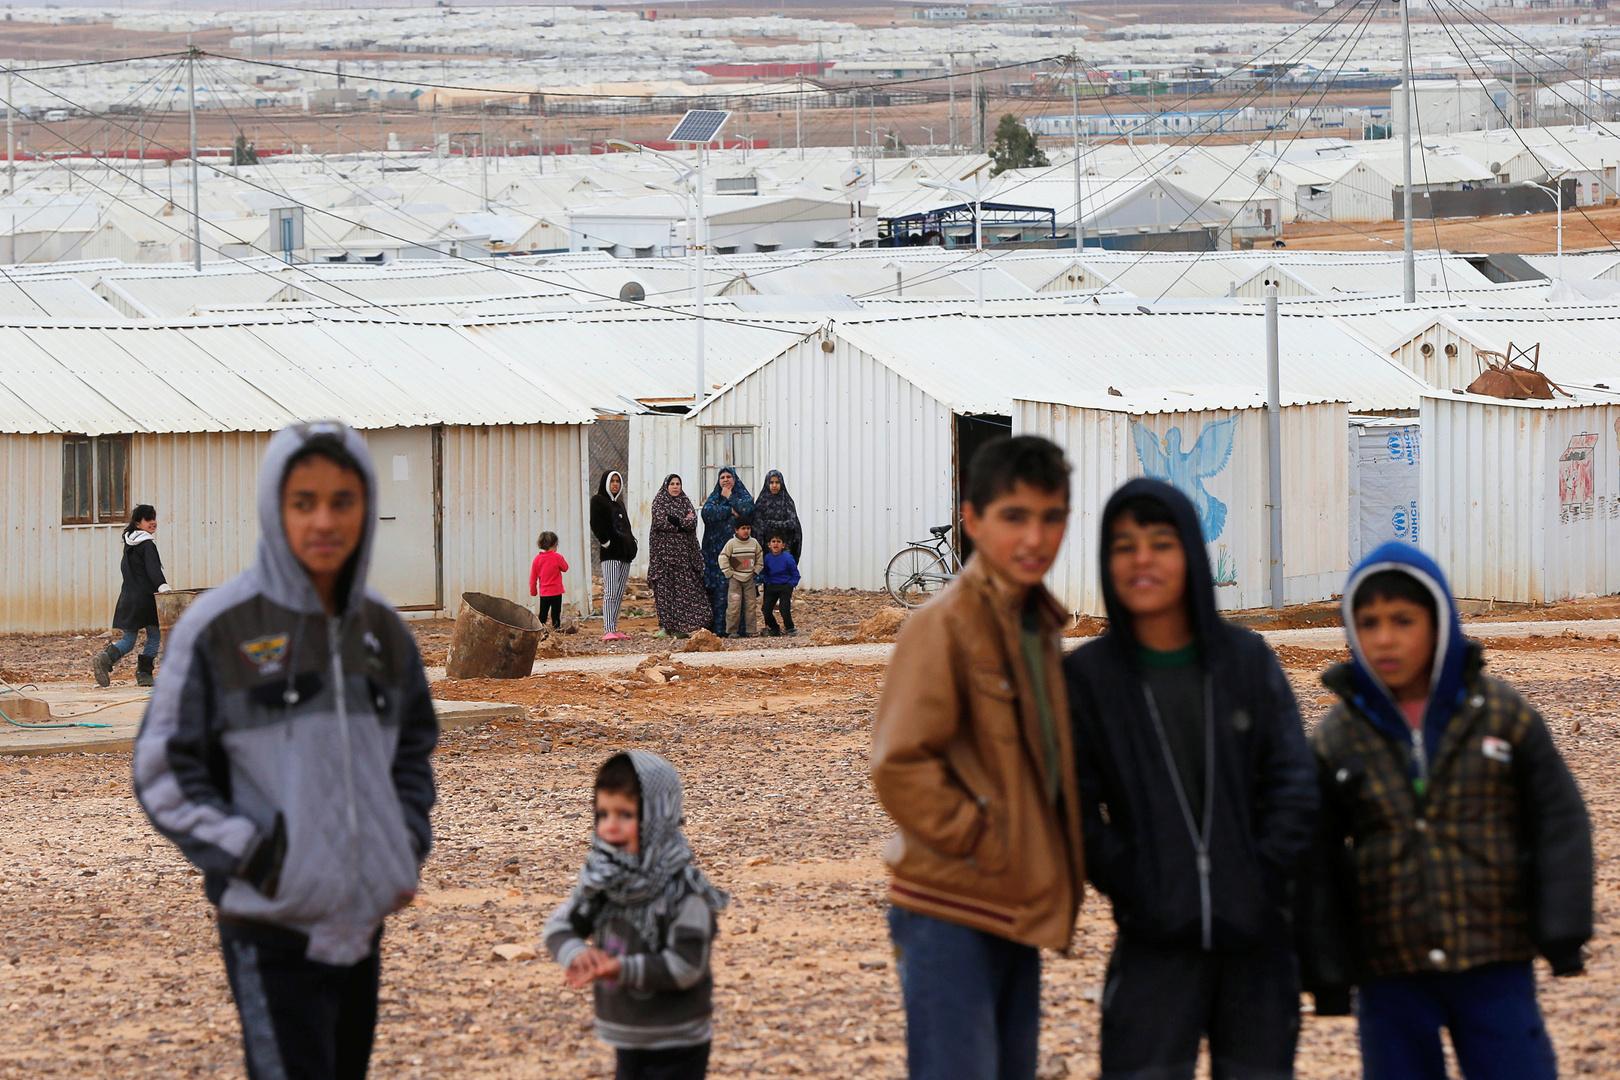 الأردن.. 214 ألف لاجئ يعانون ظروفا إنسانية خاصة